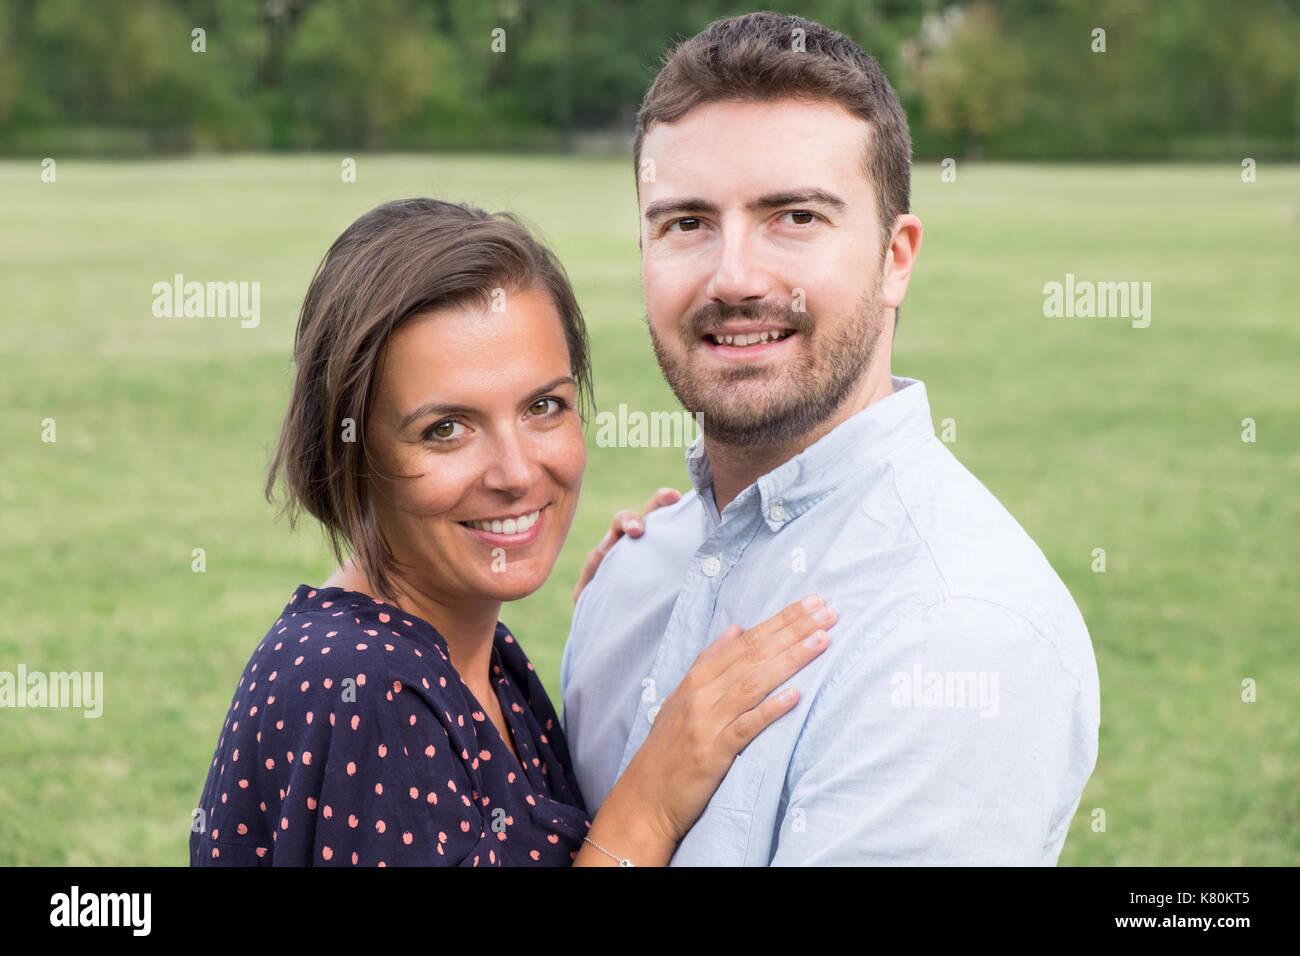 Mature Man Dating Young Woman Stock Photos & Mature Man ...